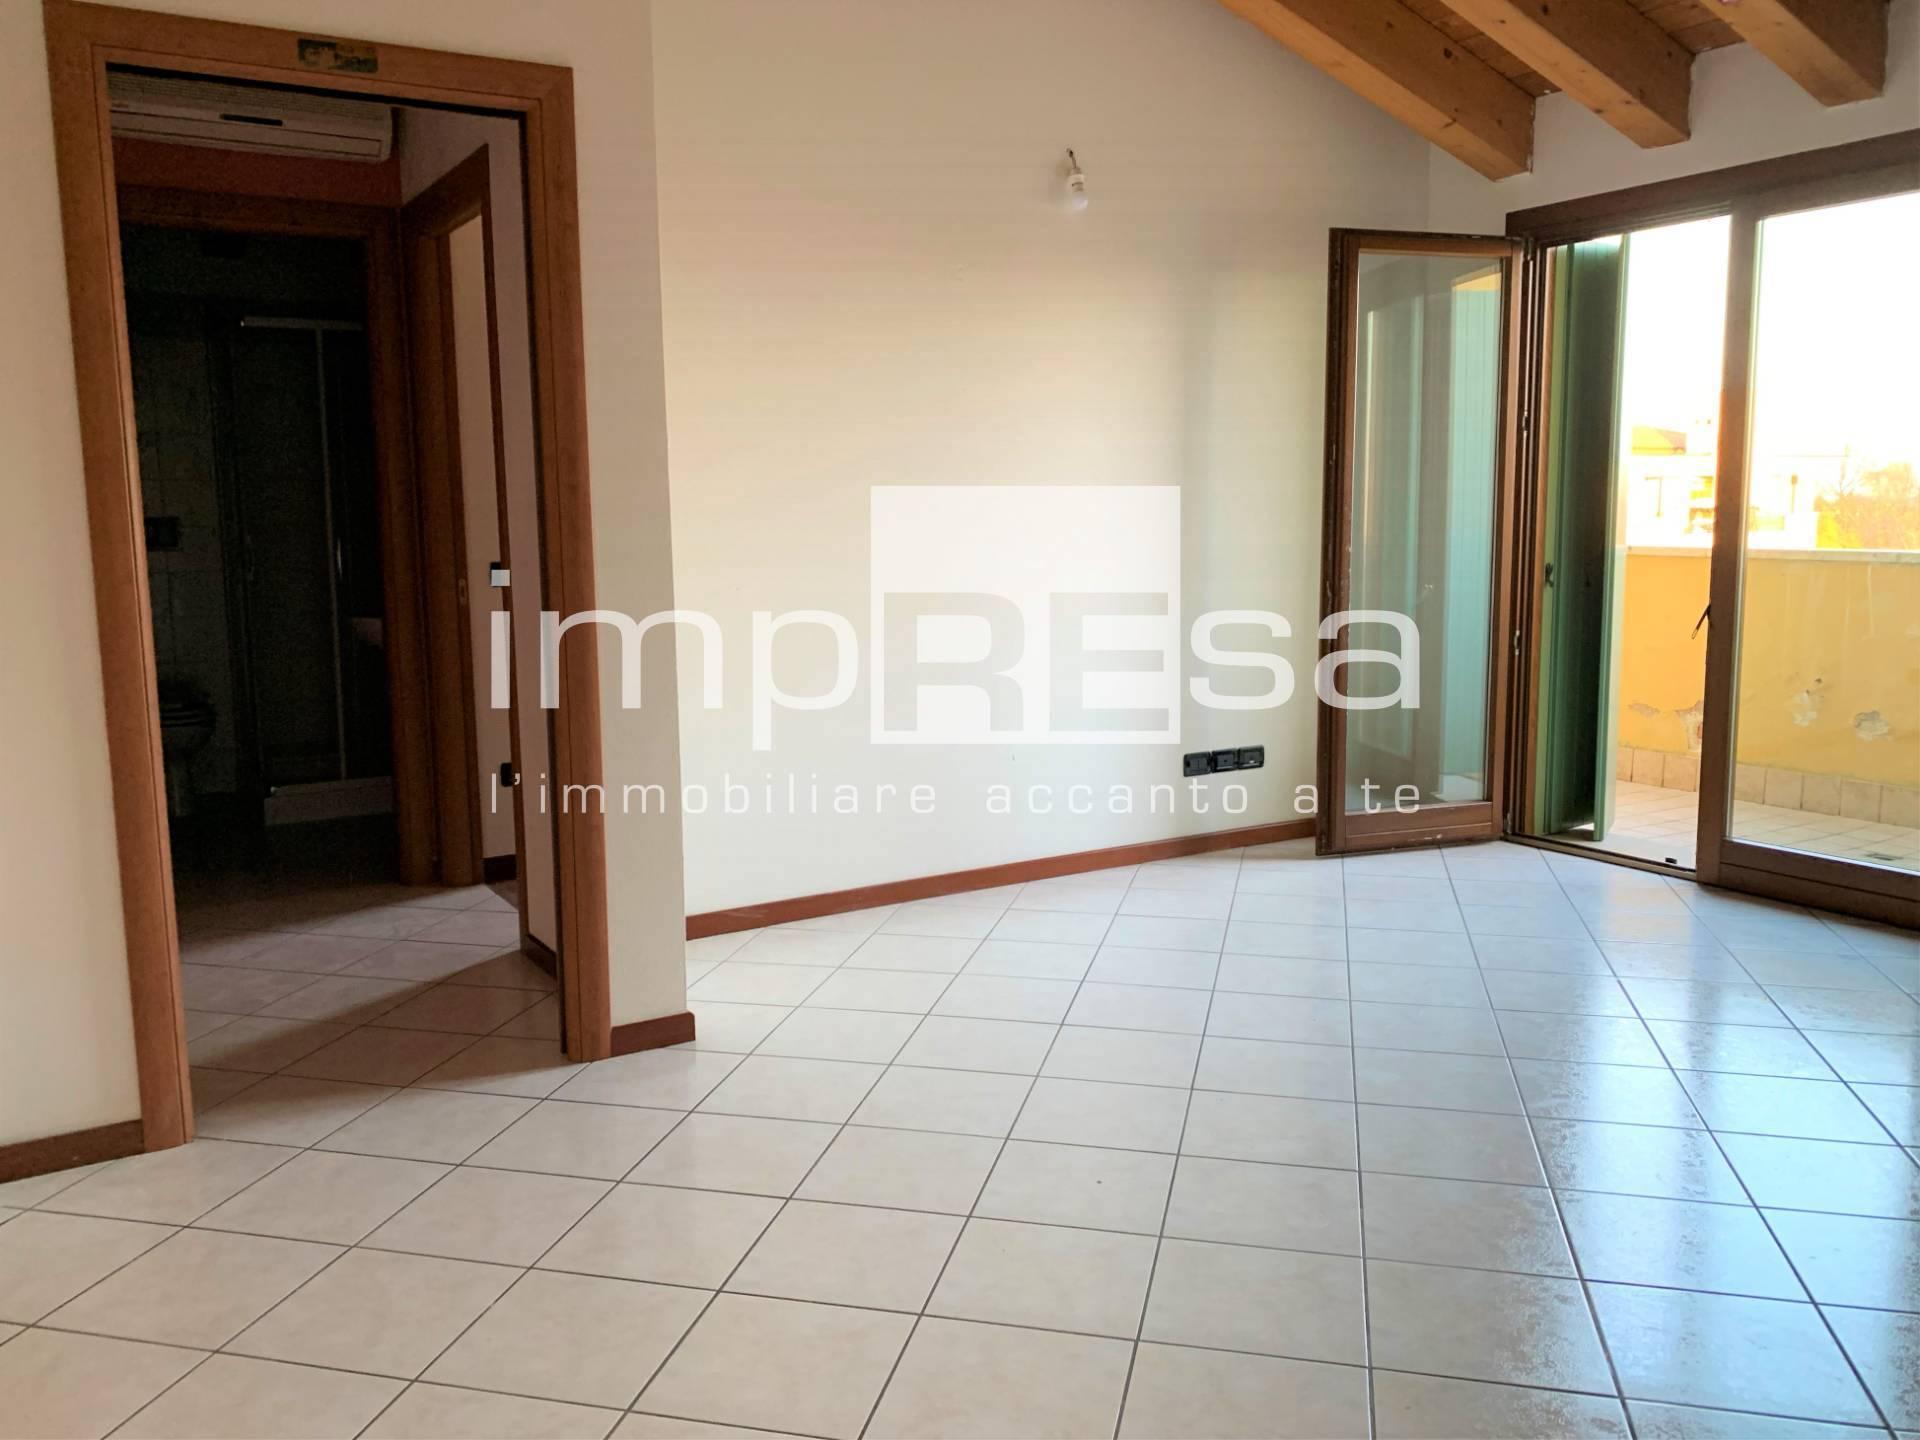 Appartamento in vendita a Cordignano, 5 locali, prezzo € 103.000 | CambioCasa.it